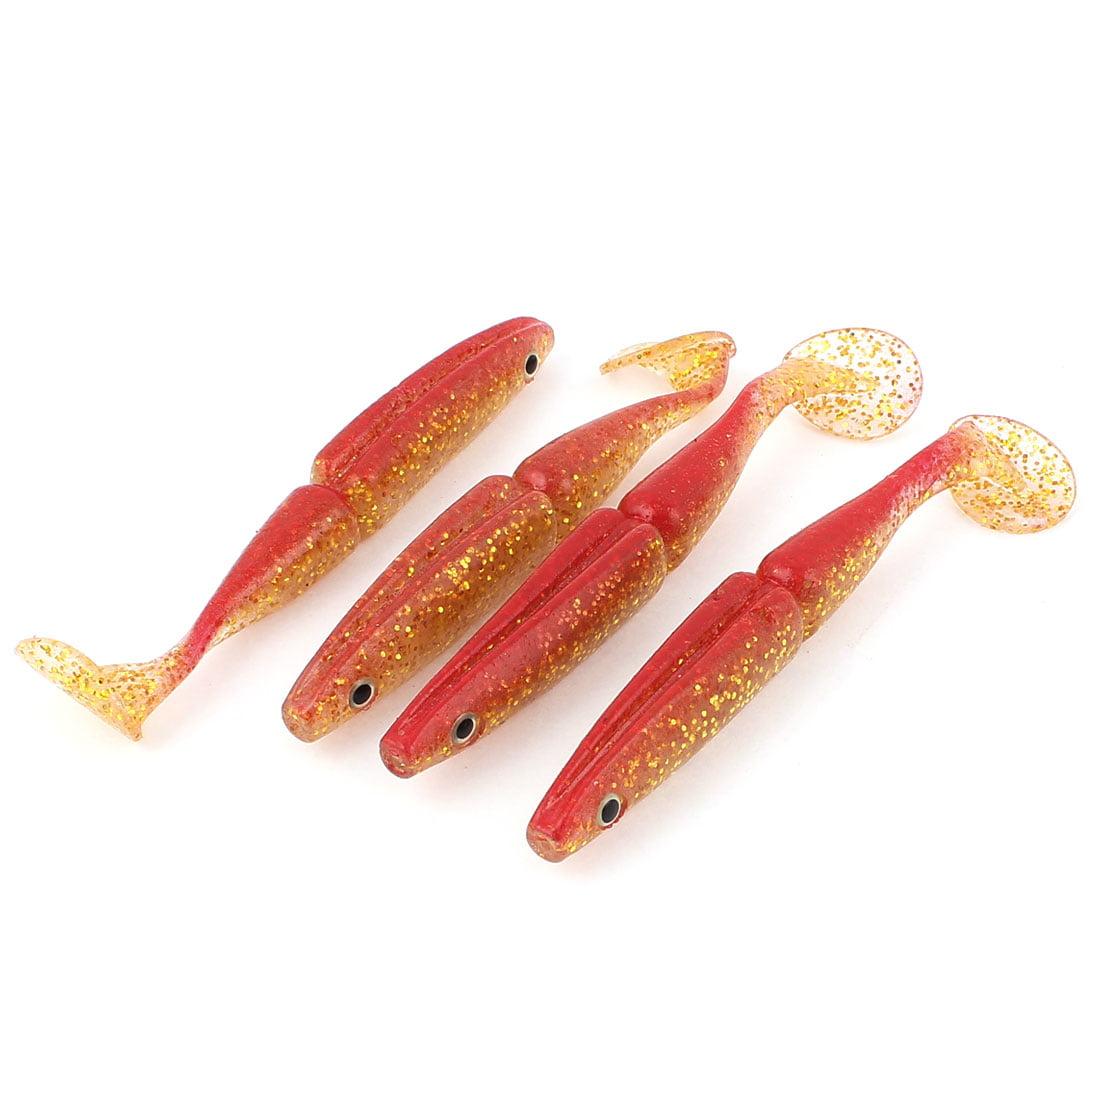 Unique Bargains 4 Pcs 5.5 Soft Silicone Fishing Lure Fish Tackle Bait 2.9oz by Unique-Bargains